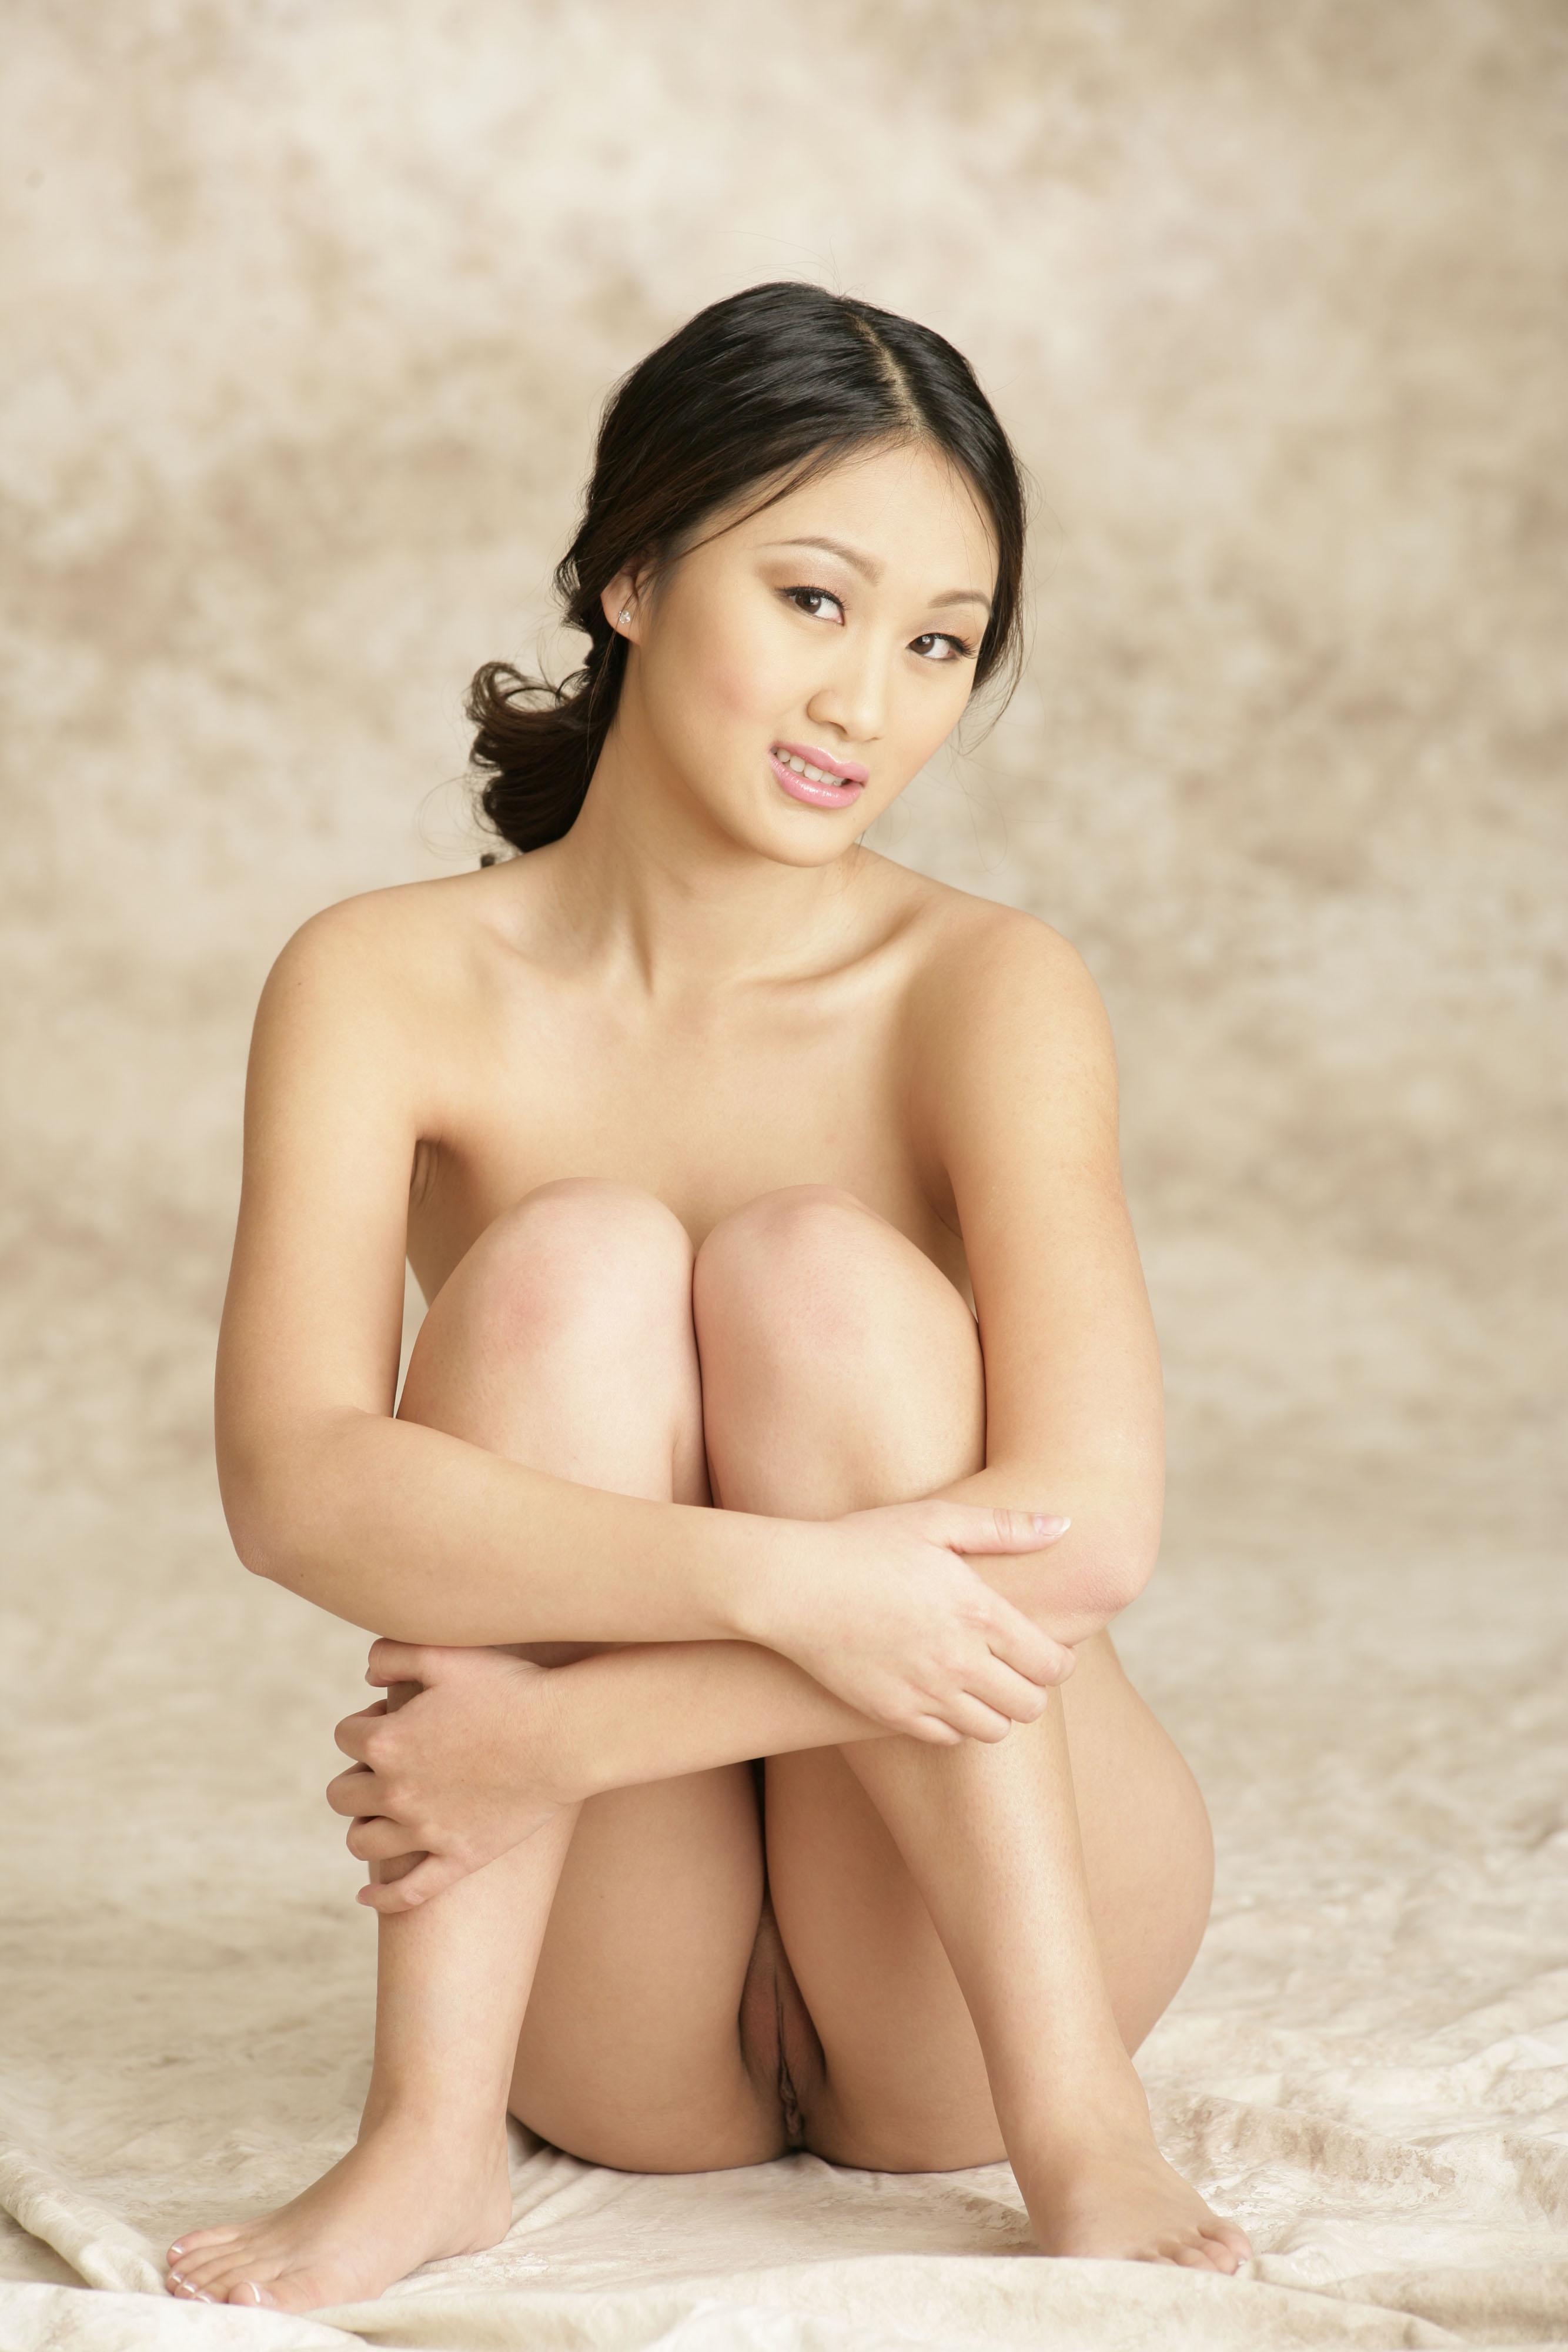 китаянки голые фото - 7